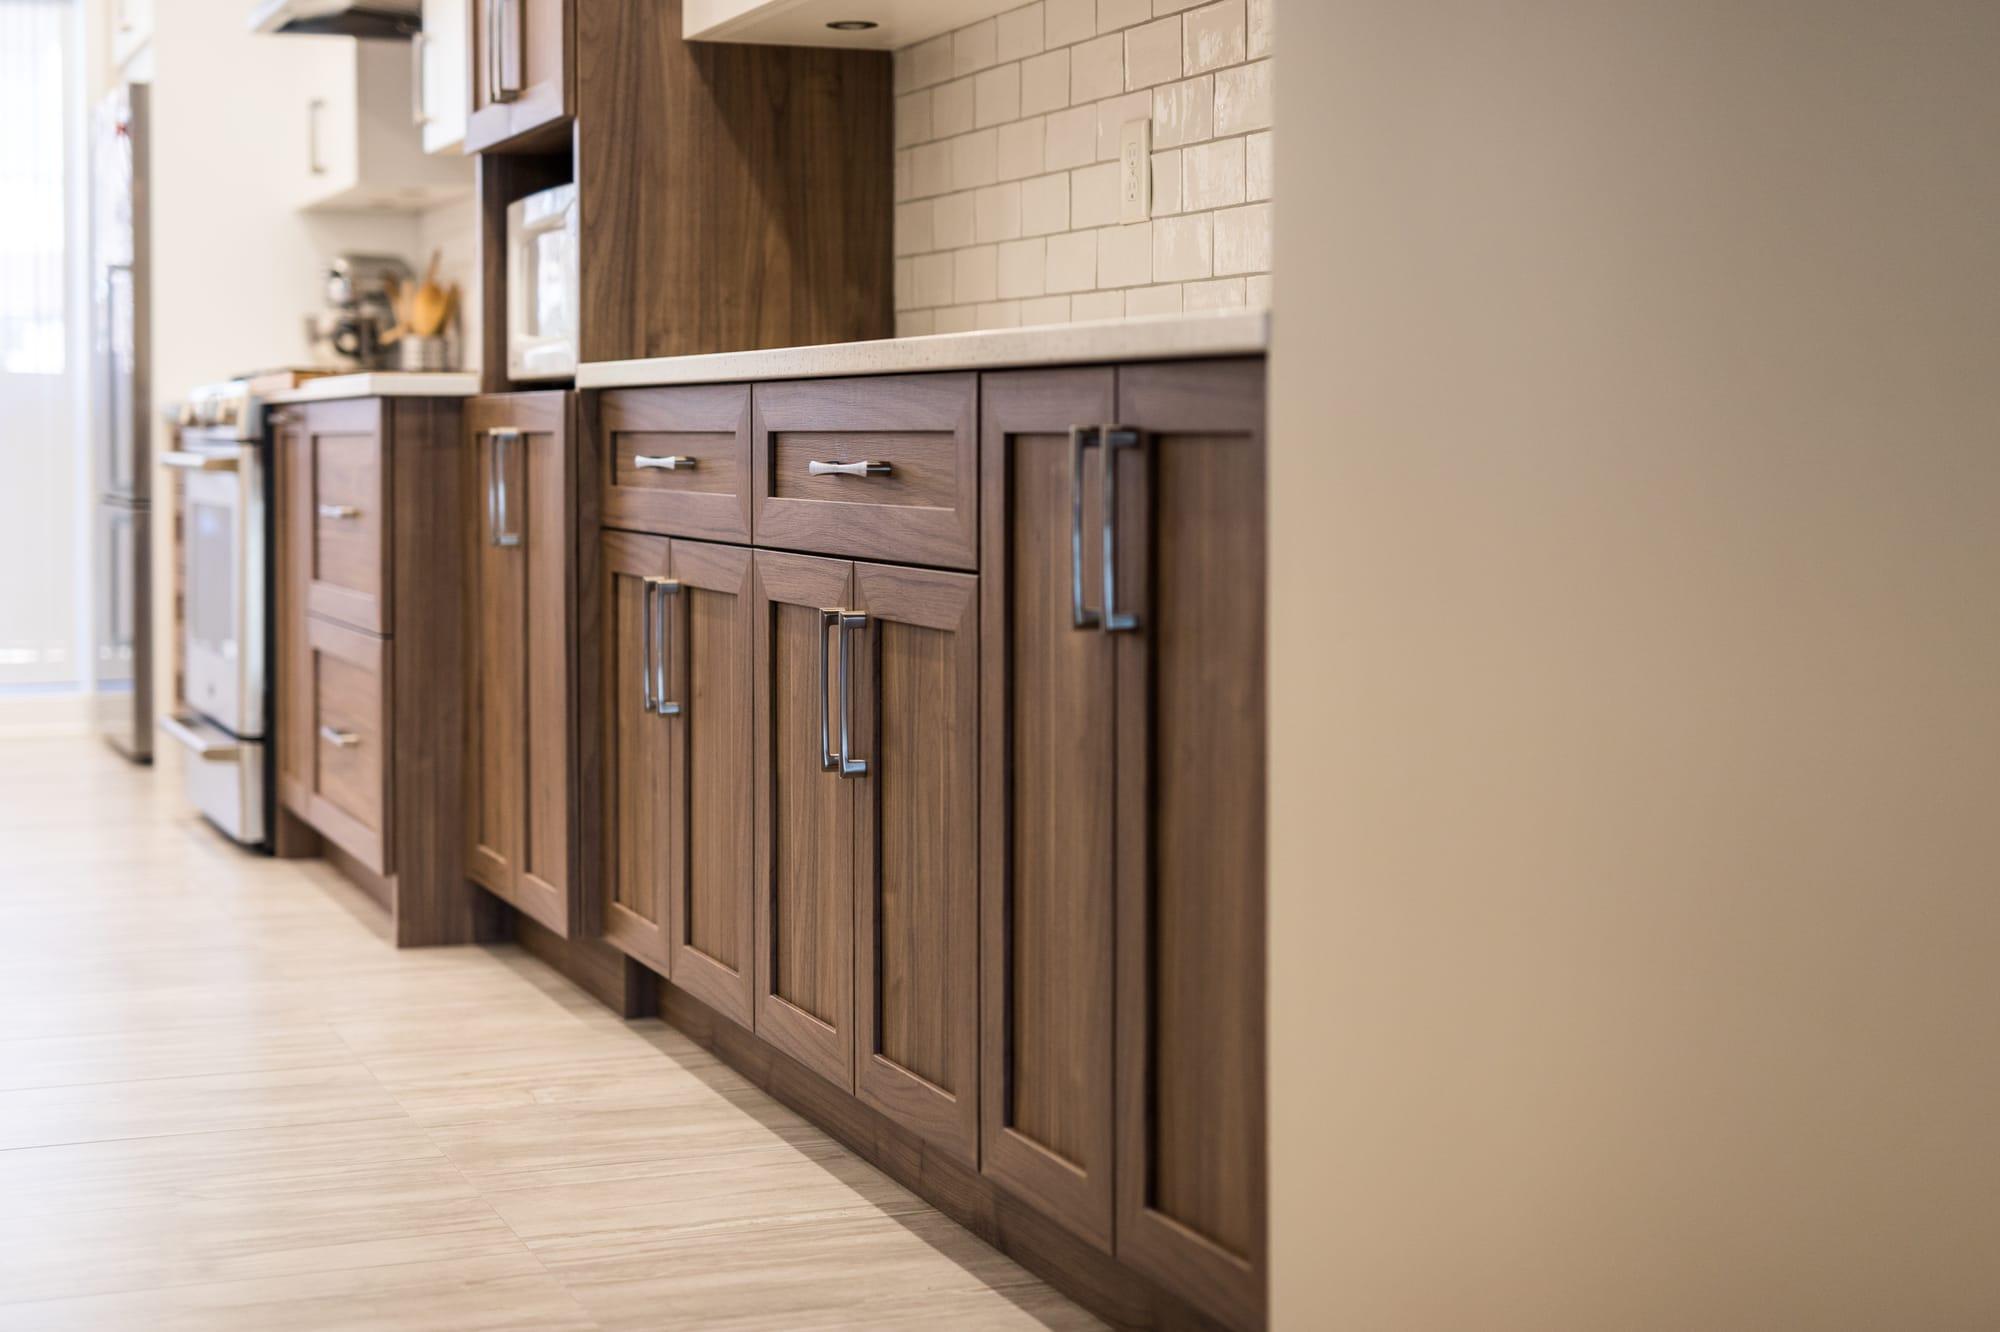 armoires brunes en plyester imitant le bois